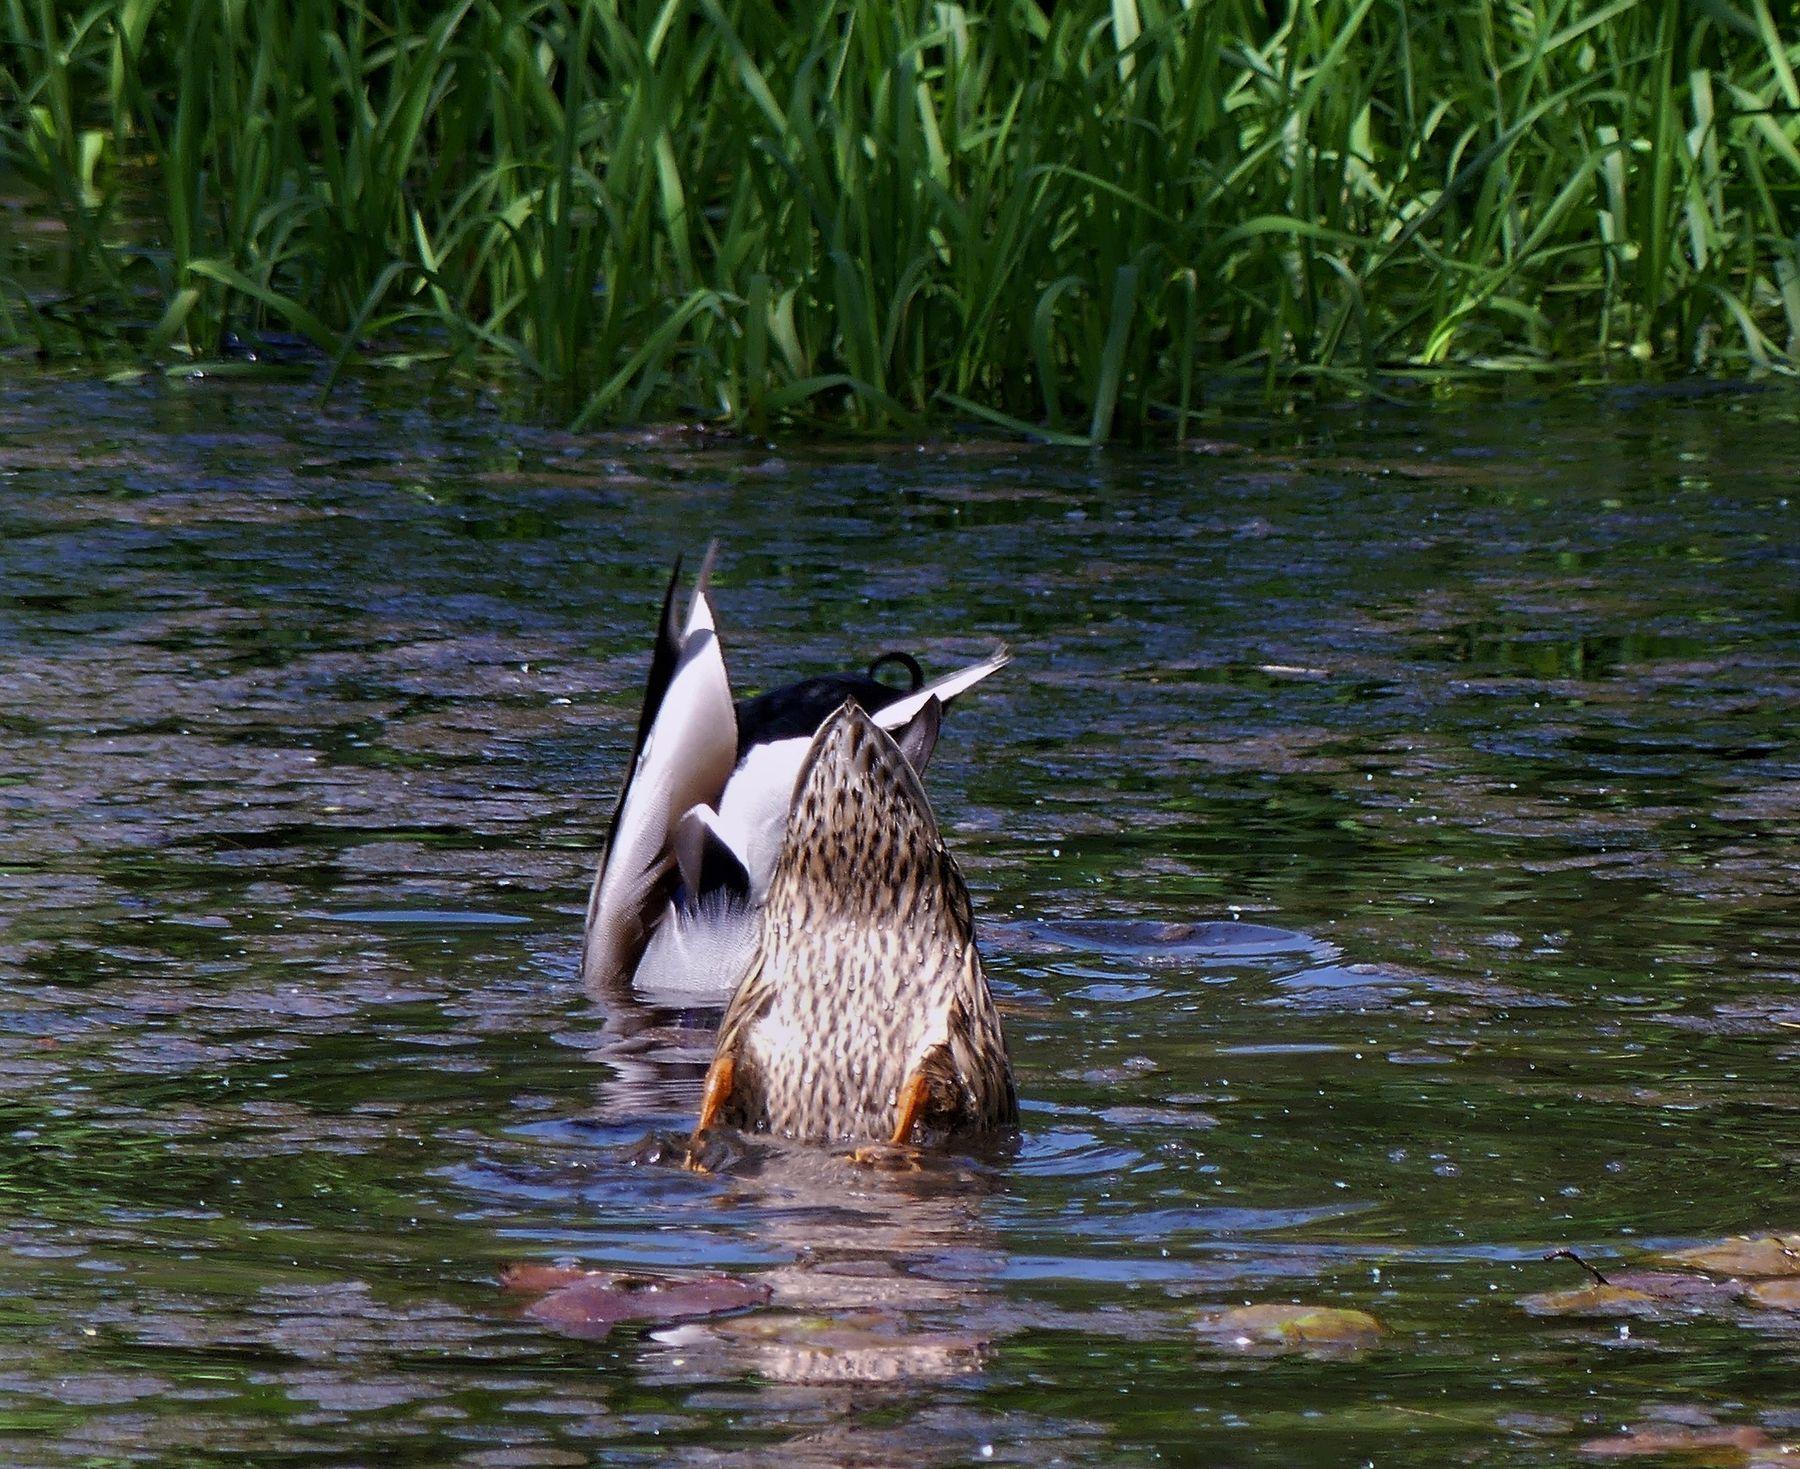 Синхронное плавание Водоём утка селезень добыча корма